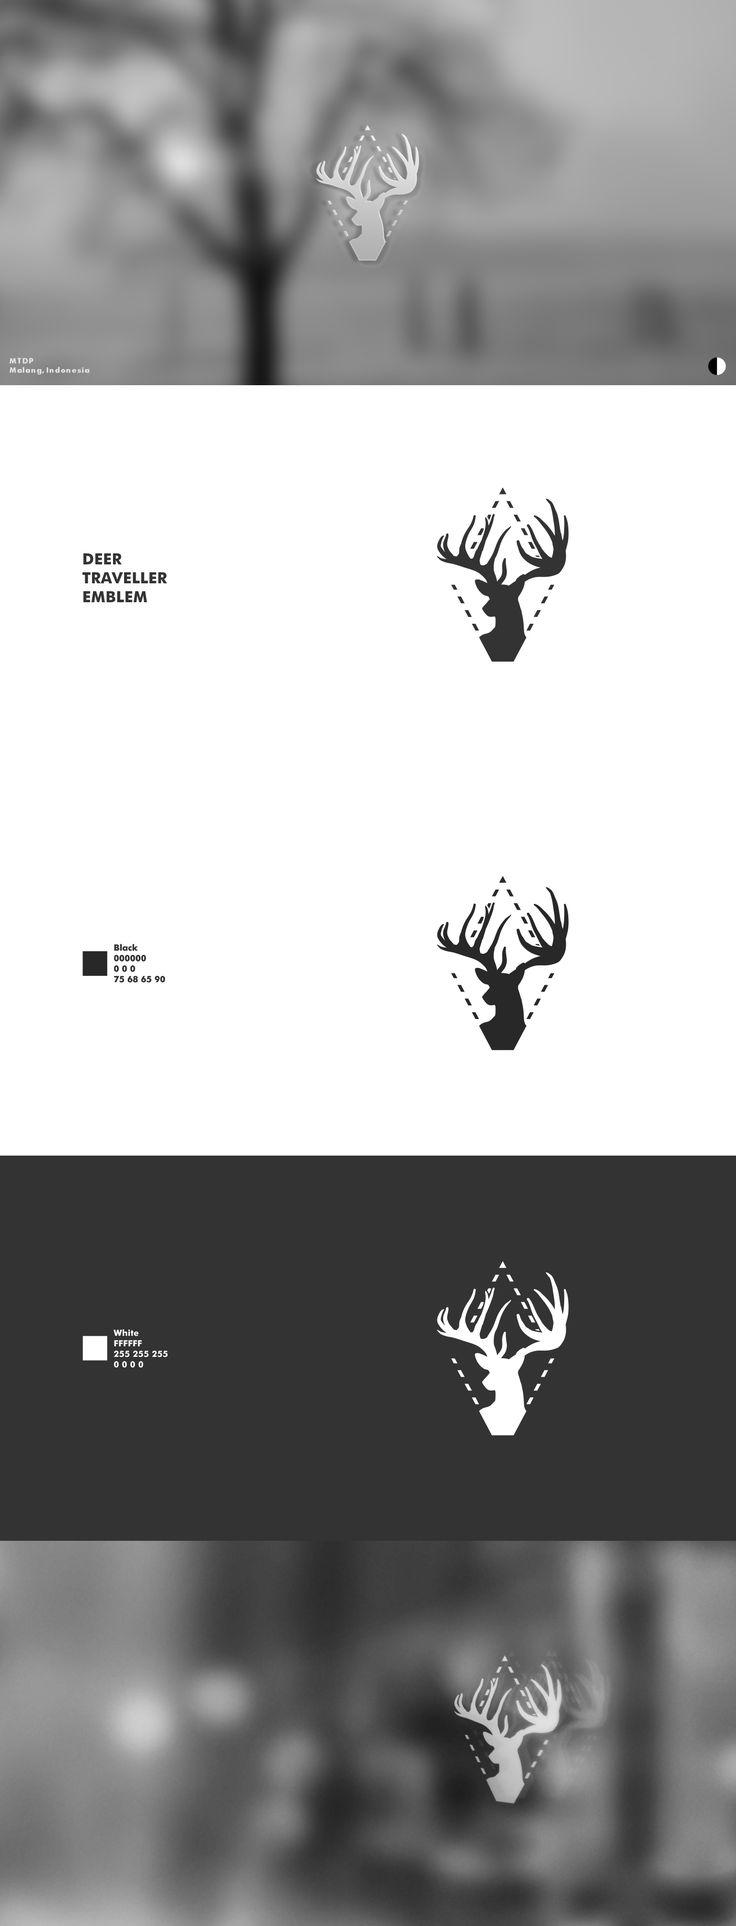 MTDP - Visual Identity #visual #identity #visualidentity #logo #graphic #design #graphicdesign #digitalart #presentation #portfolio